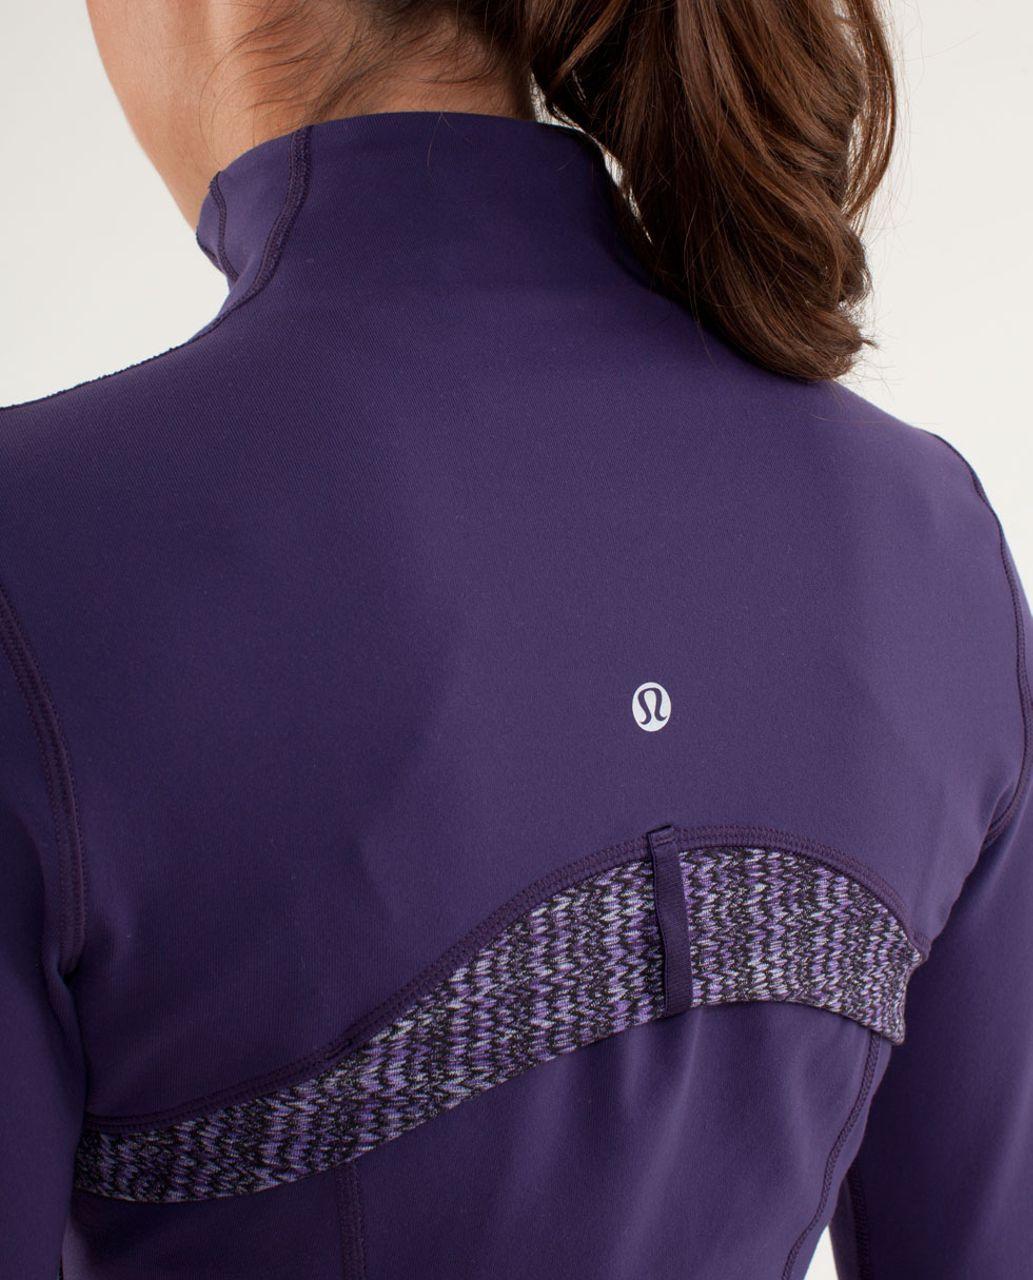 Lululemon Define Jacket - Dense Purple / Ziggy Wee Caspian